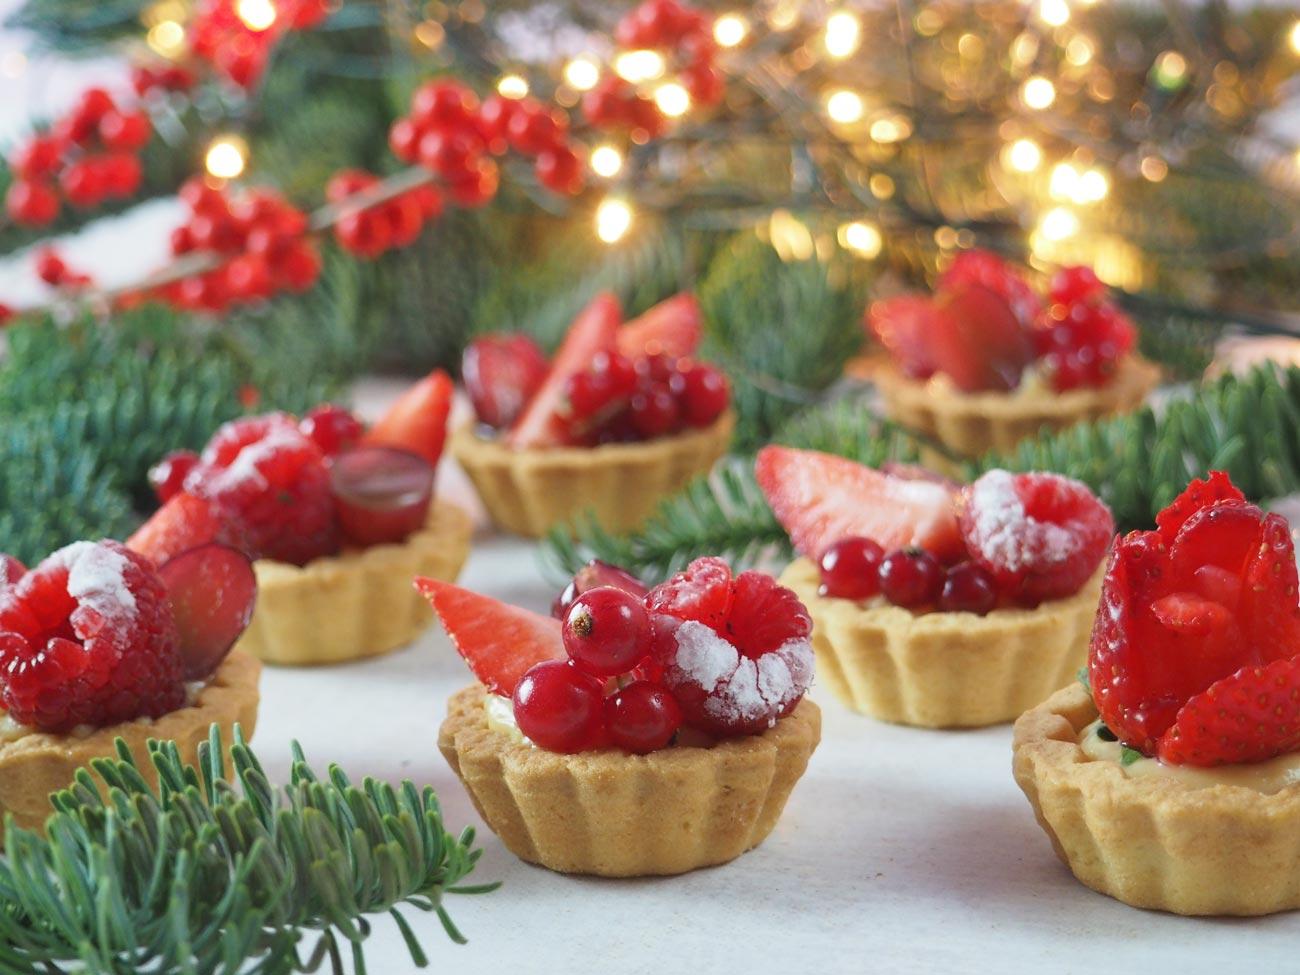 red-fruit-tarts-6.jpg